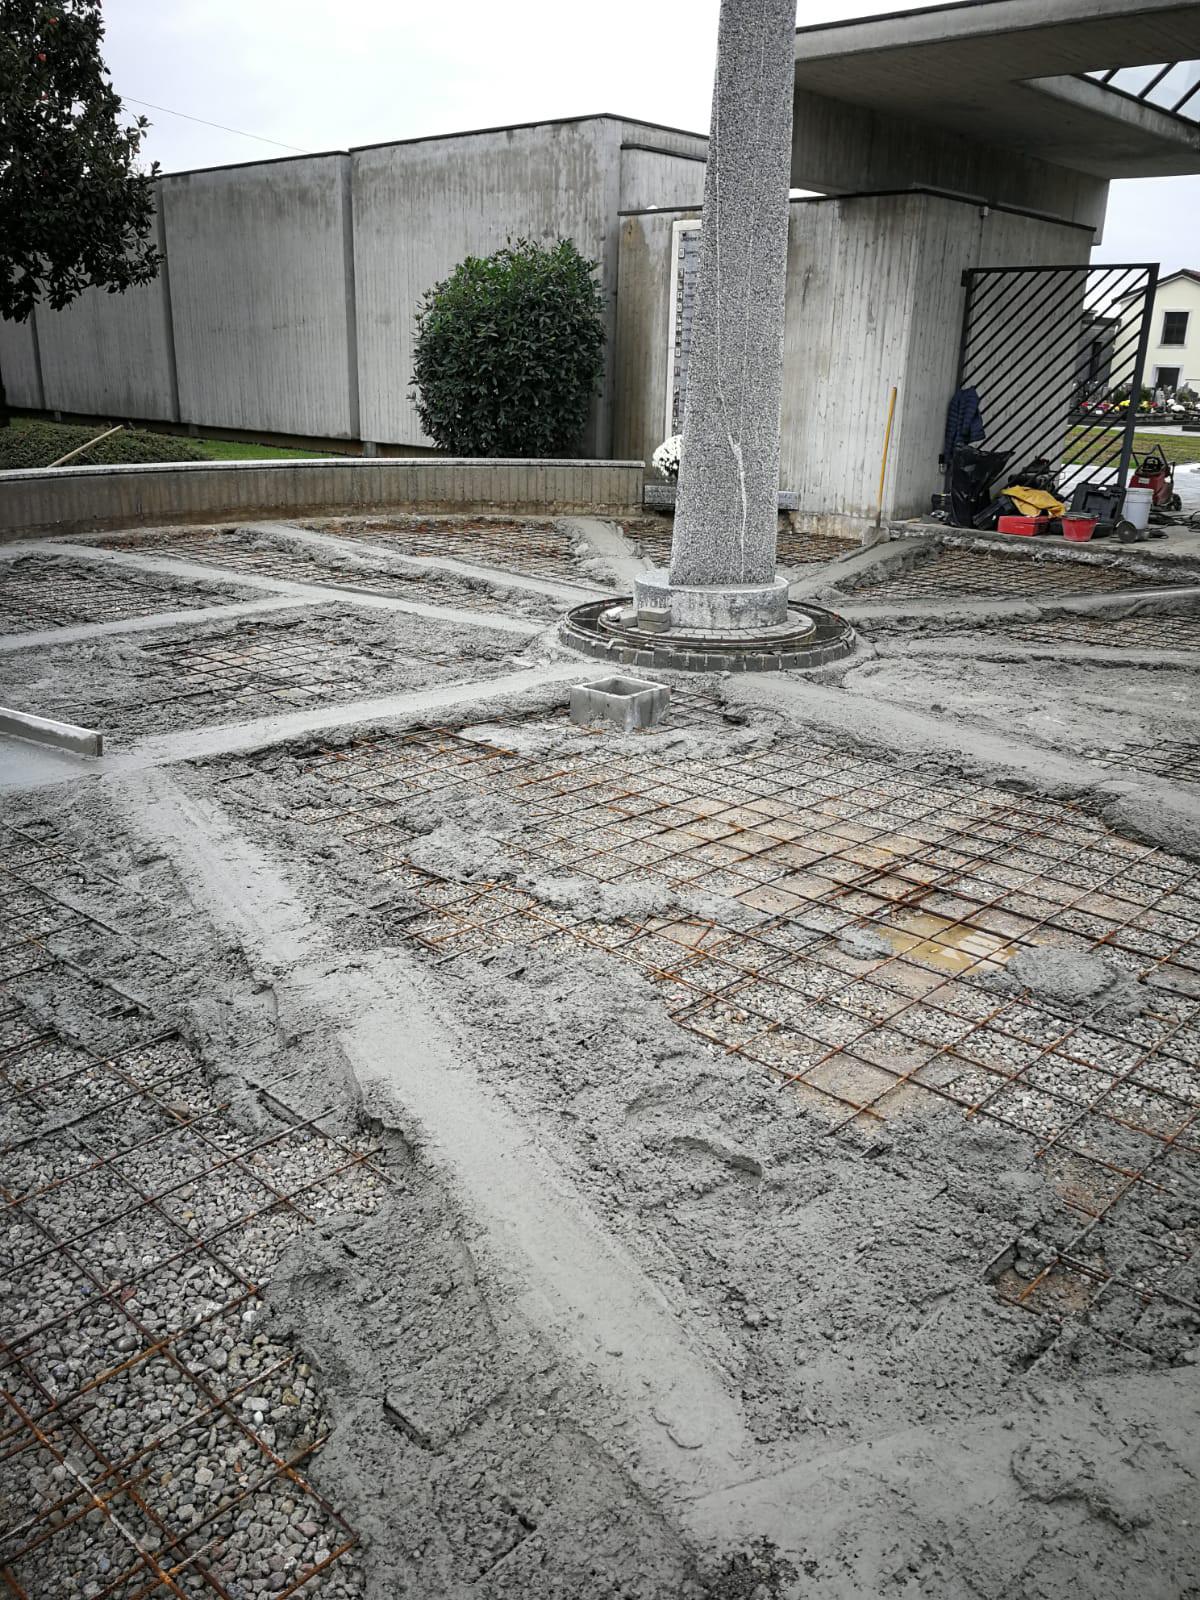 Perico-Renato-Ambivere (BG) - Cimitero comunale - Ristrutturazione 8